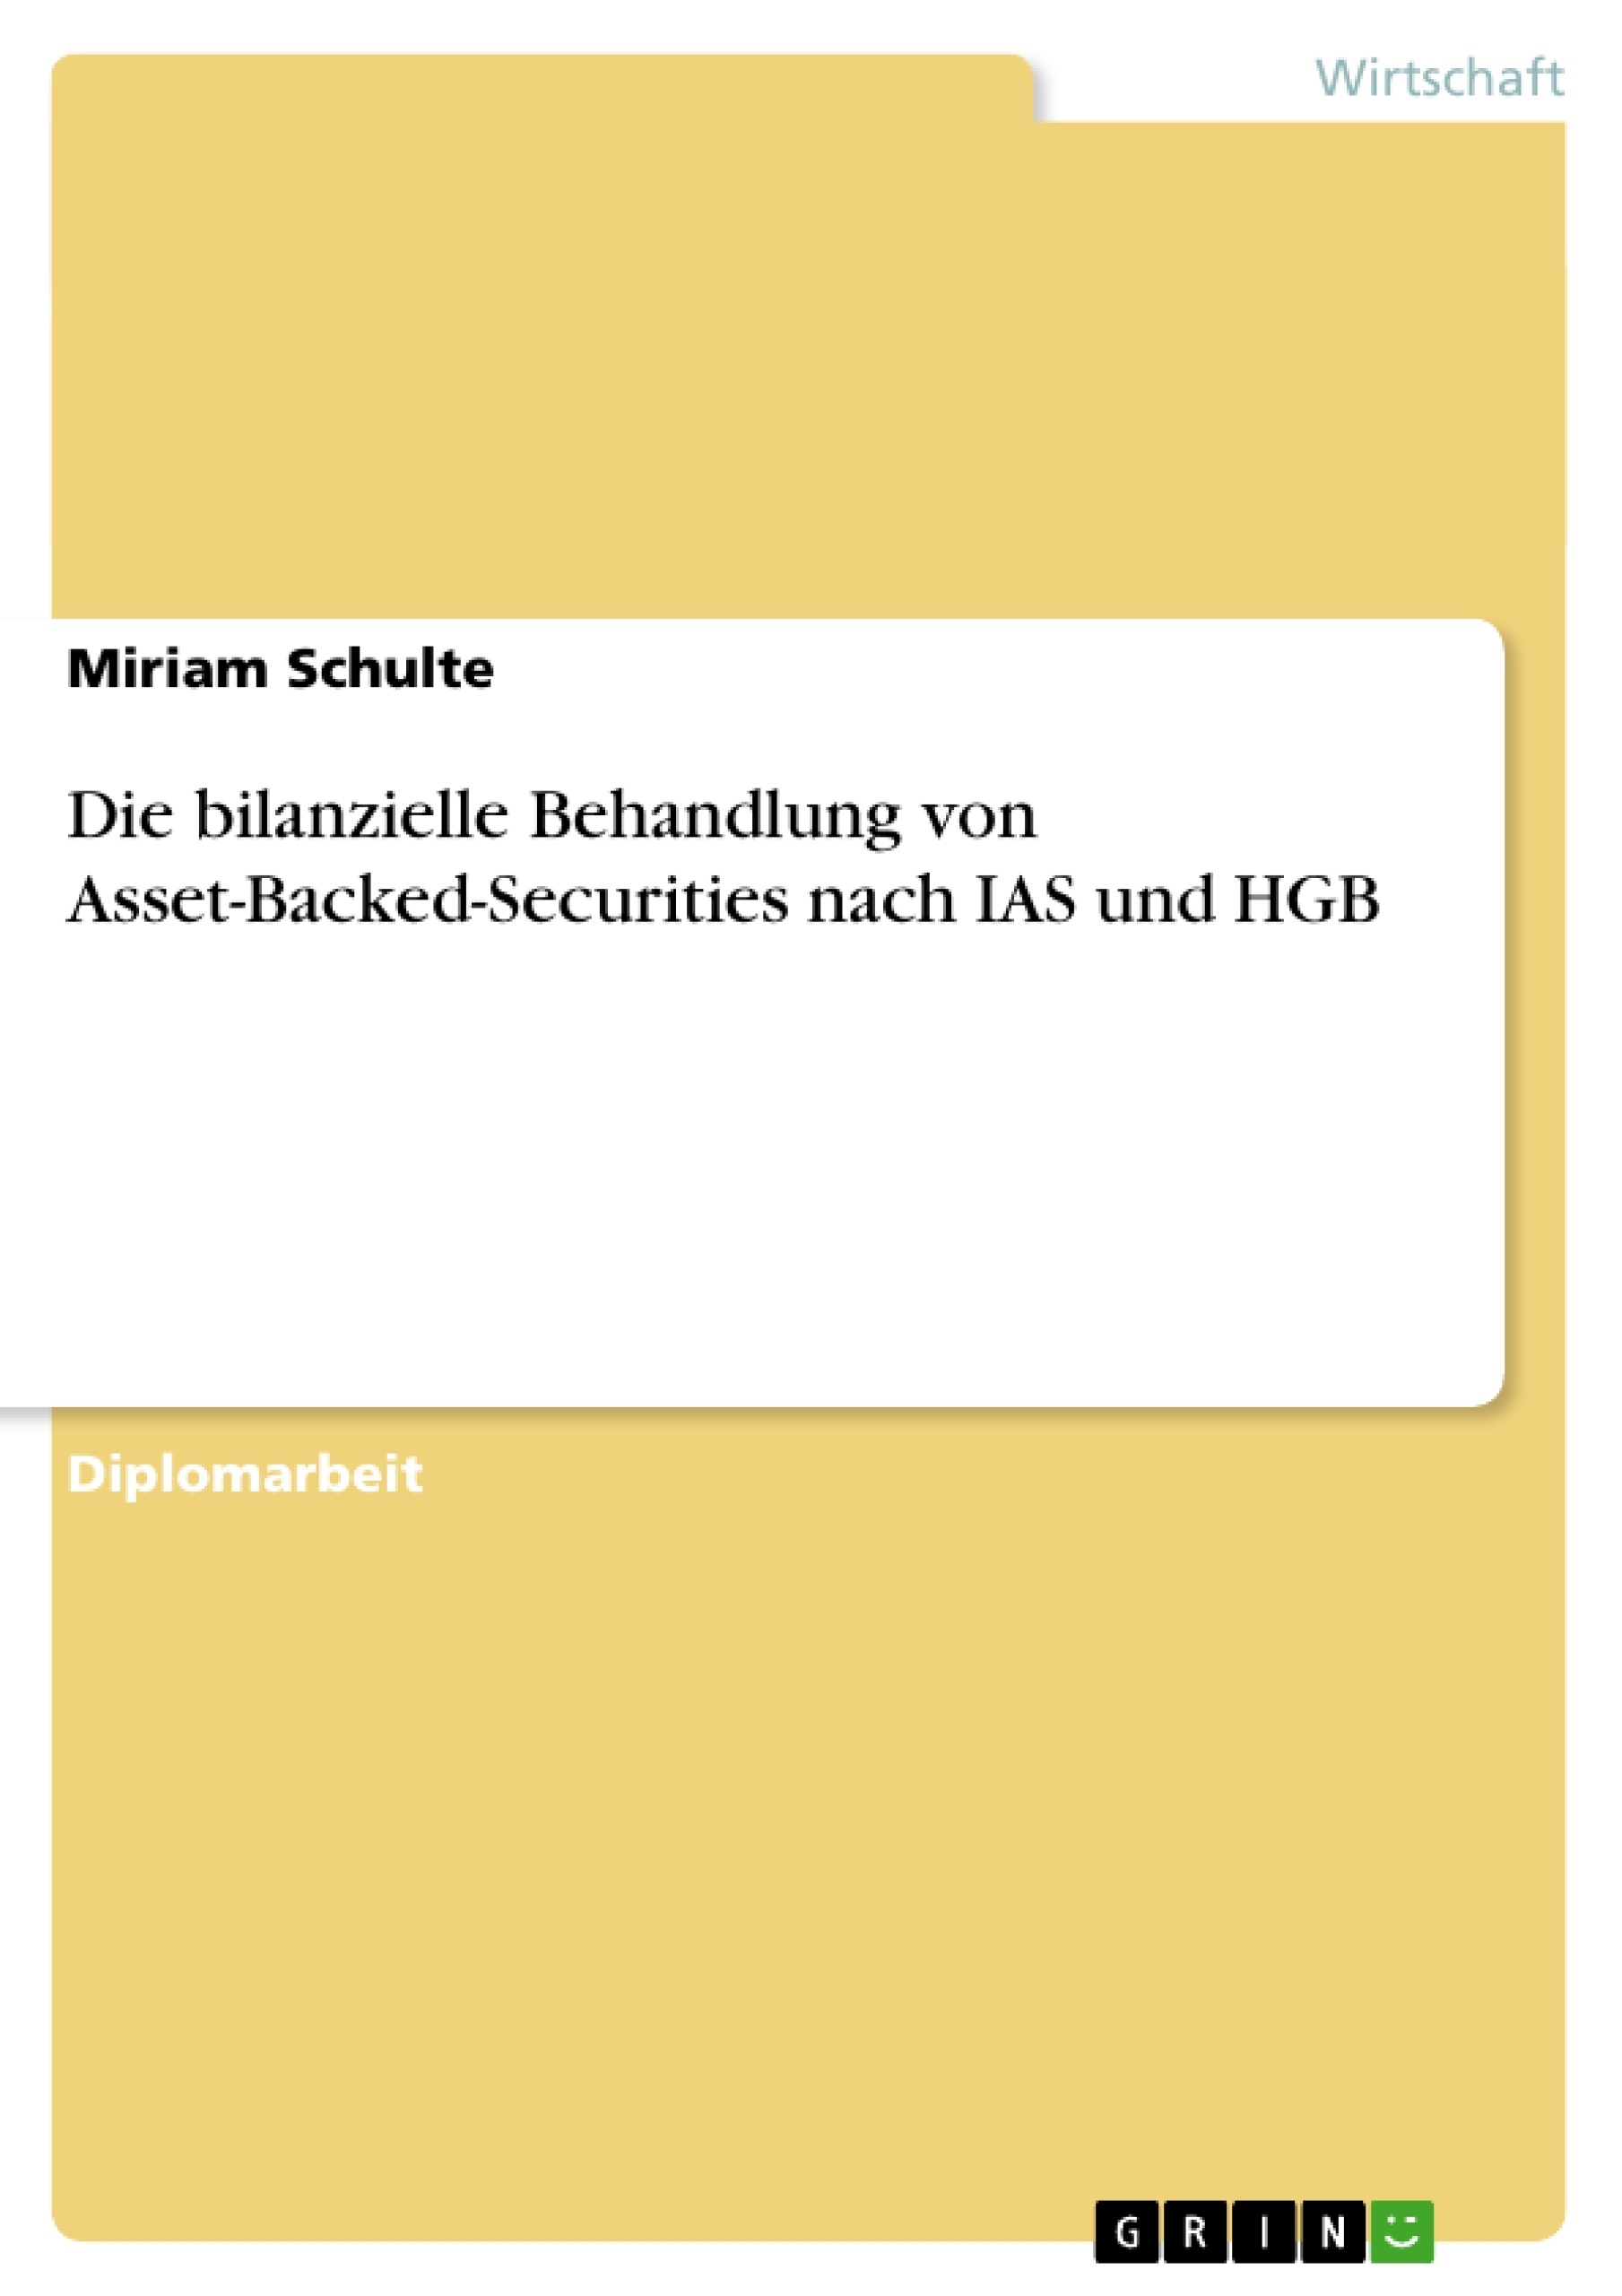 Titel: Die bilanzielle Behandlung von Asset-Backed-Securities nach IAS und HGB